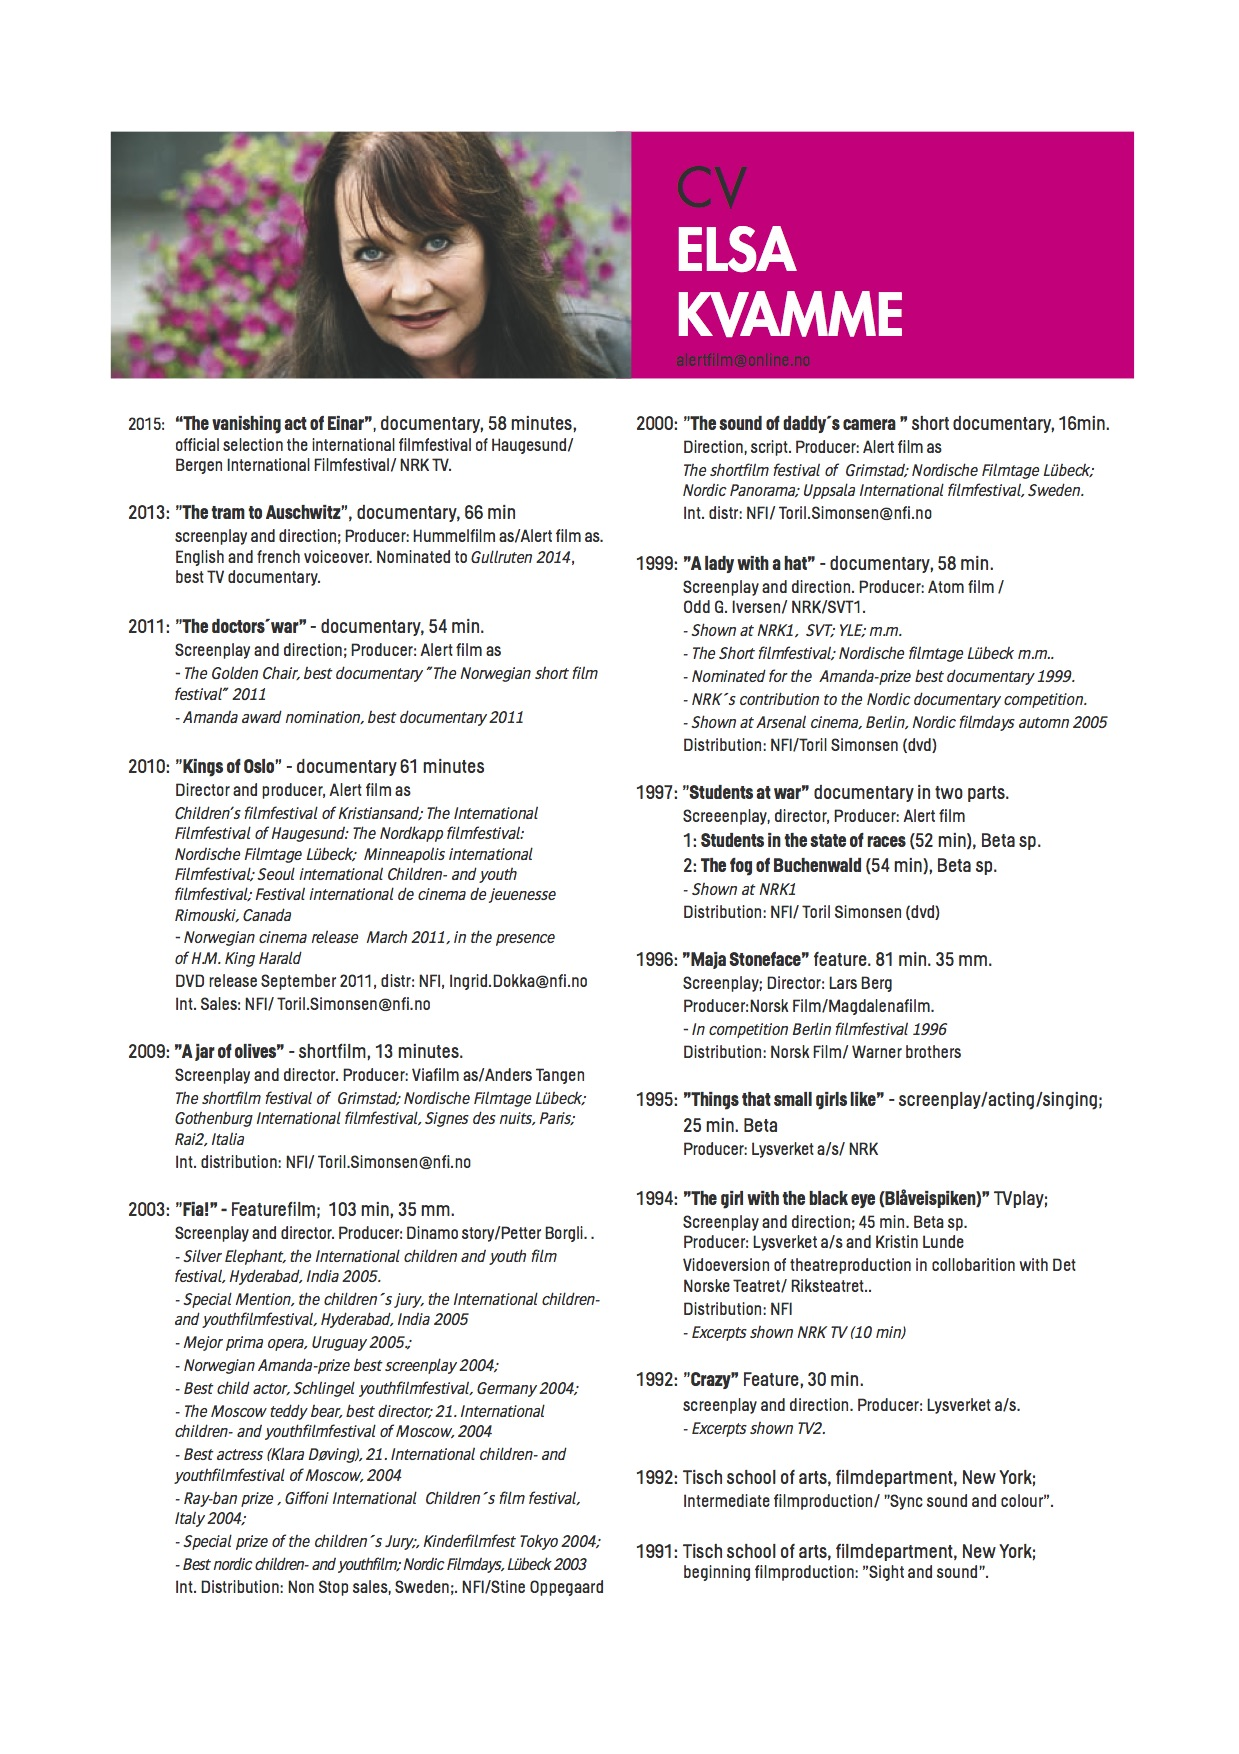 CV-ElsaKvamme-engelsk_1.jpg